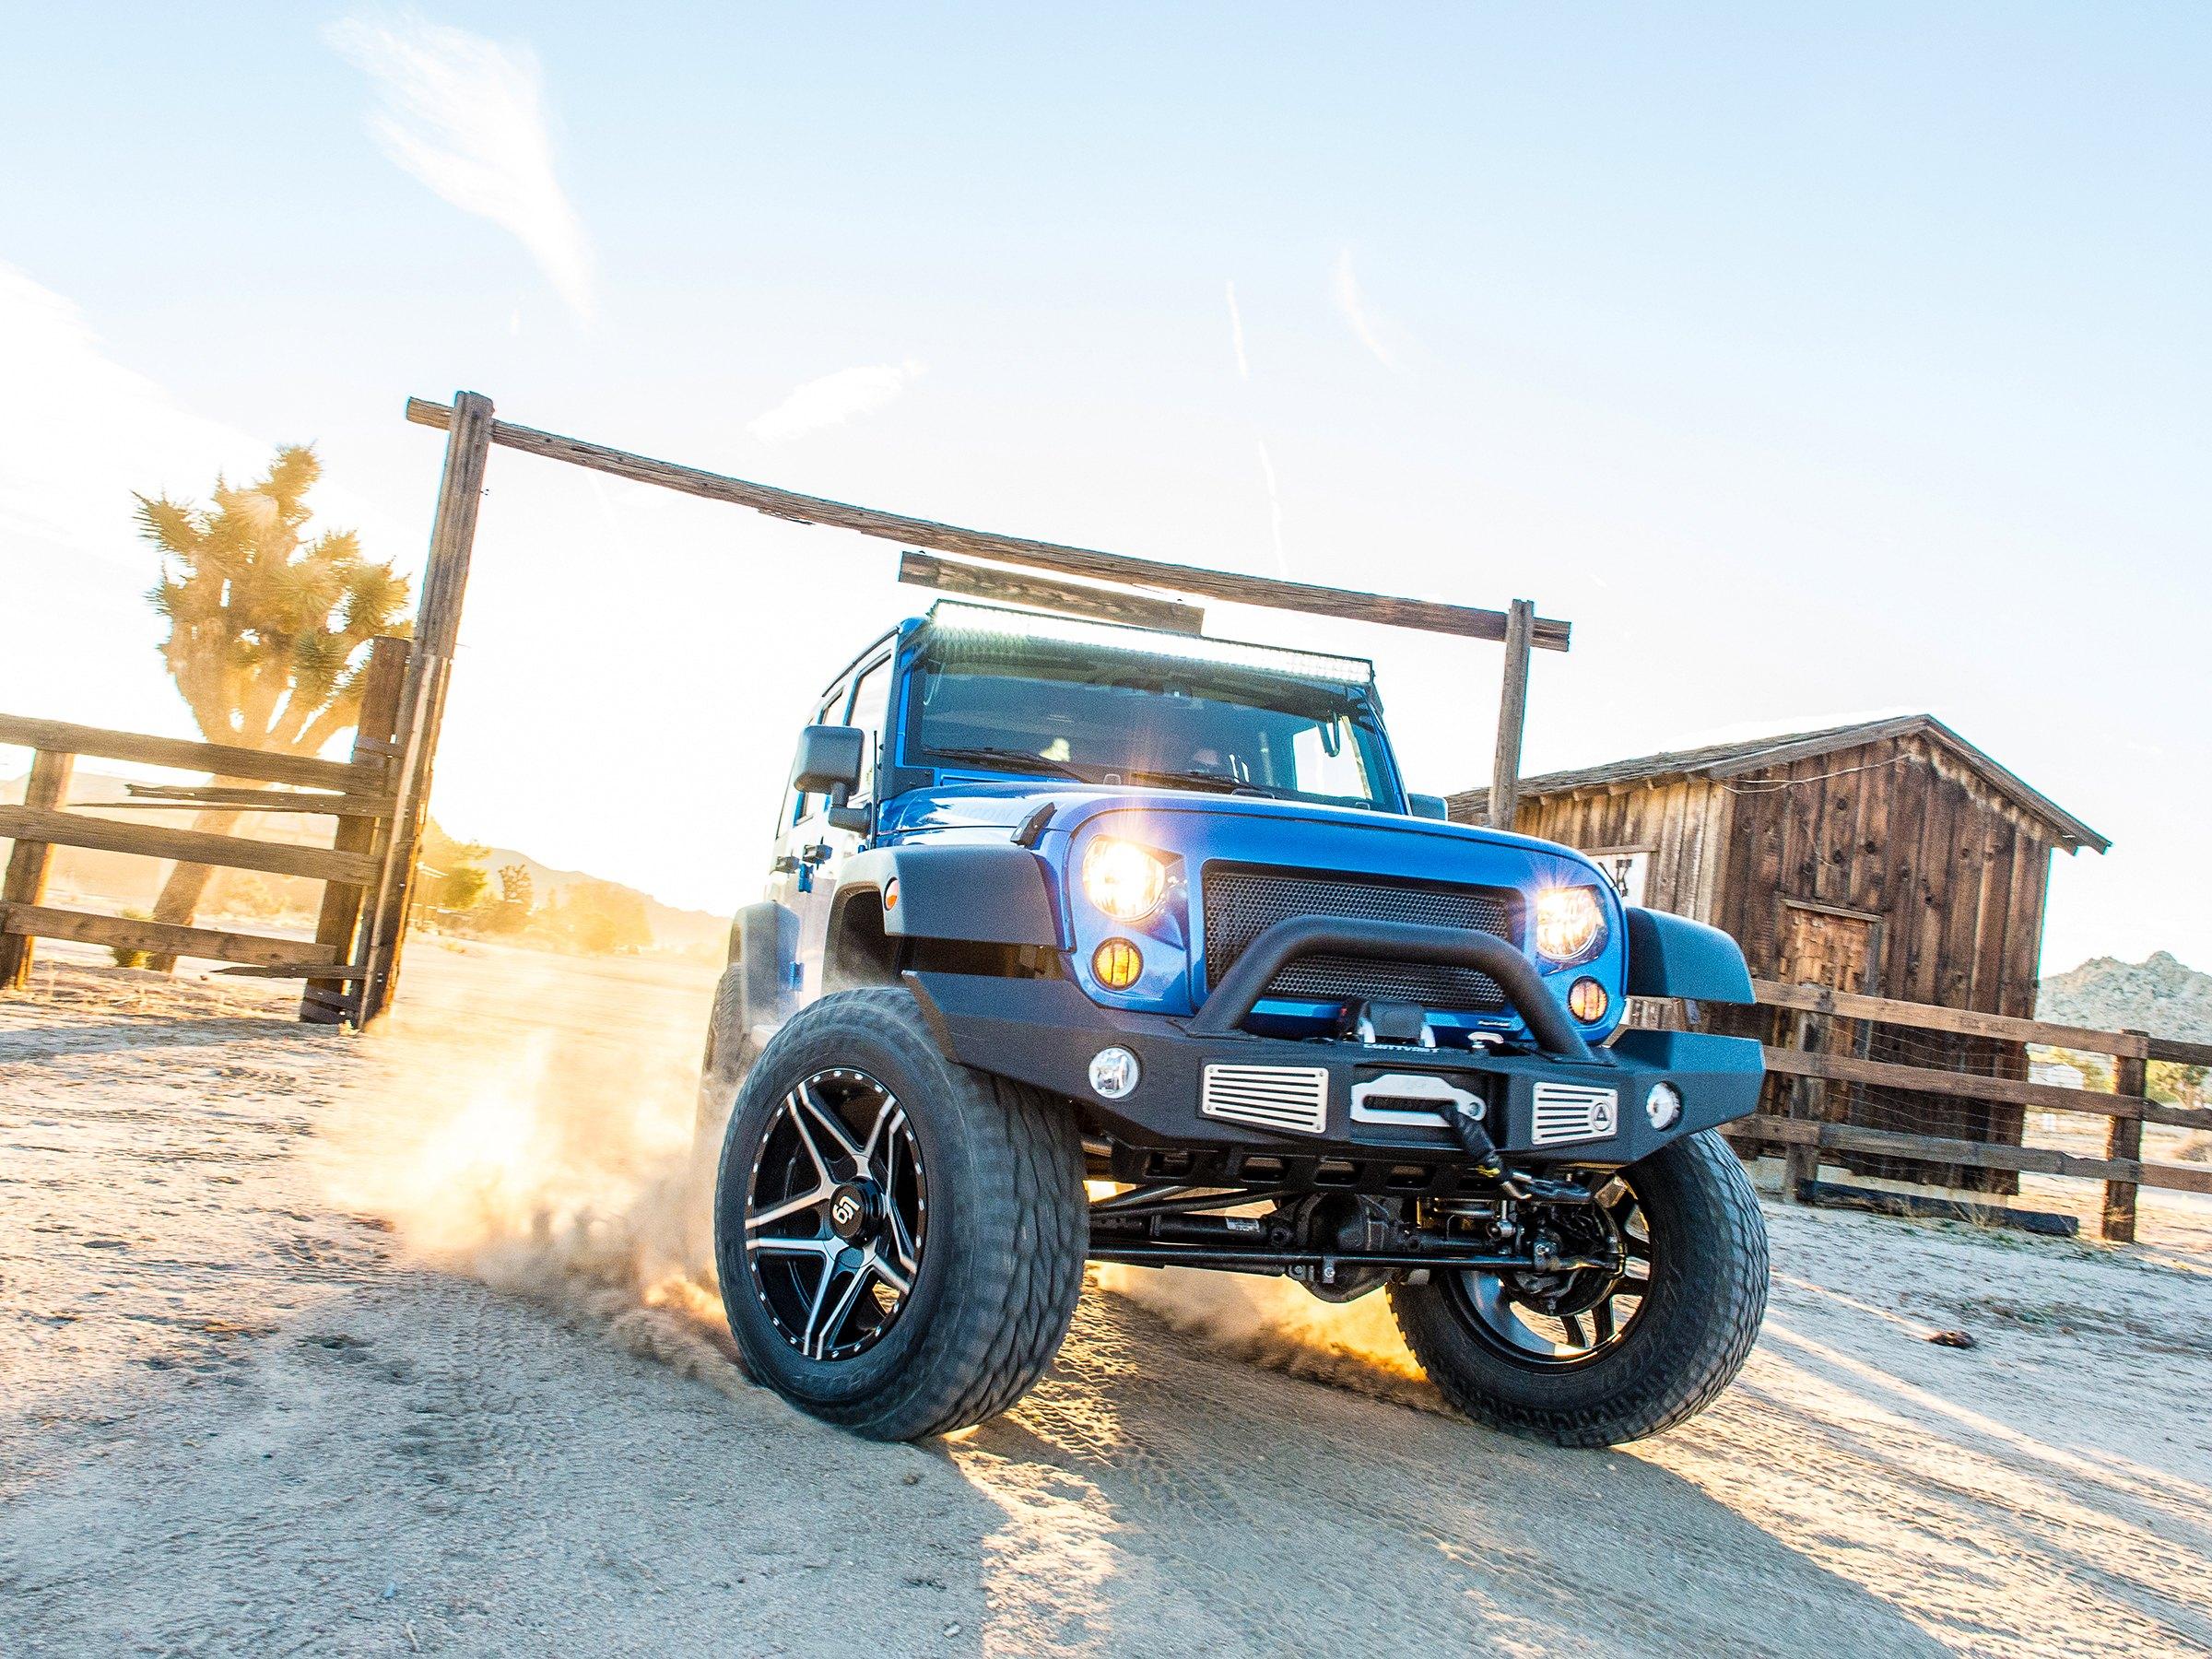 Desert Vagabond Lifted Wrangler Unlimited By Smittybilt